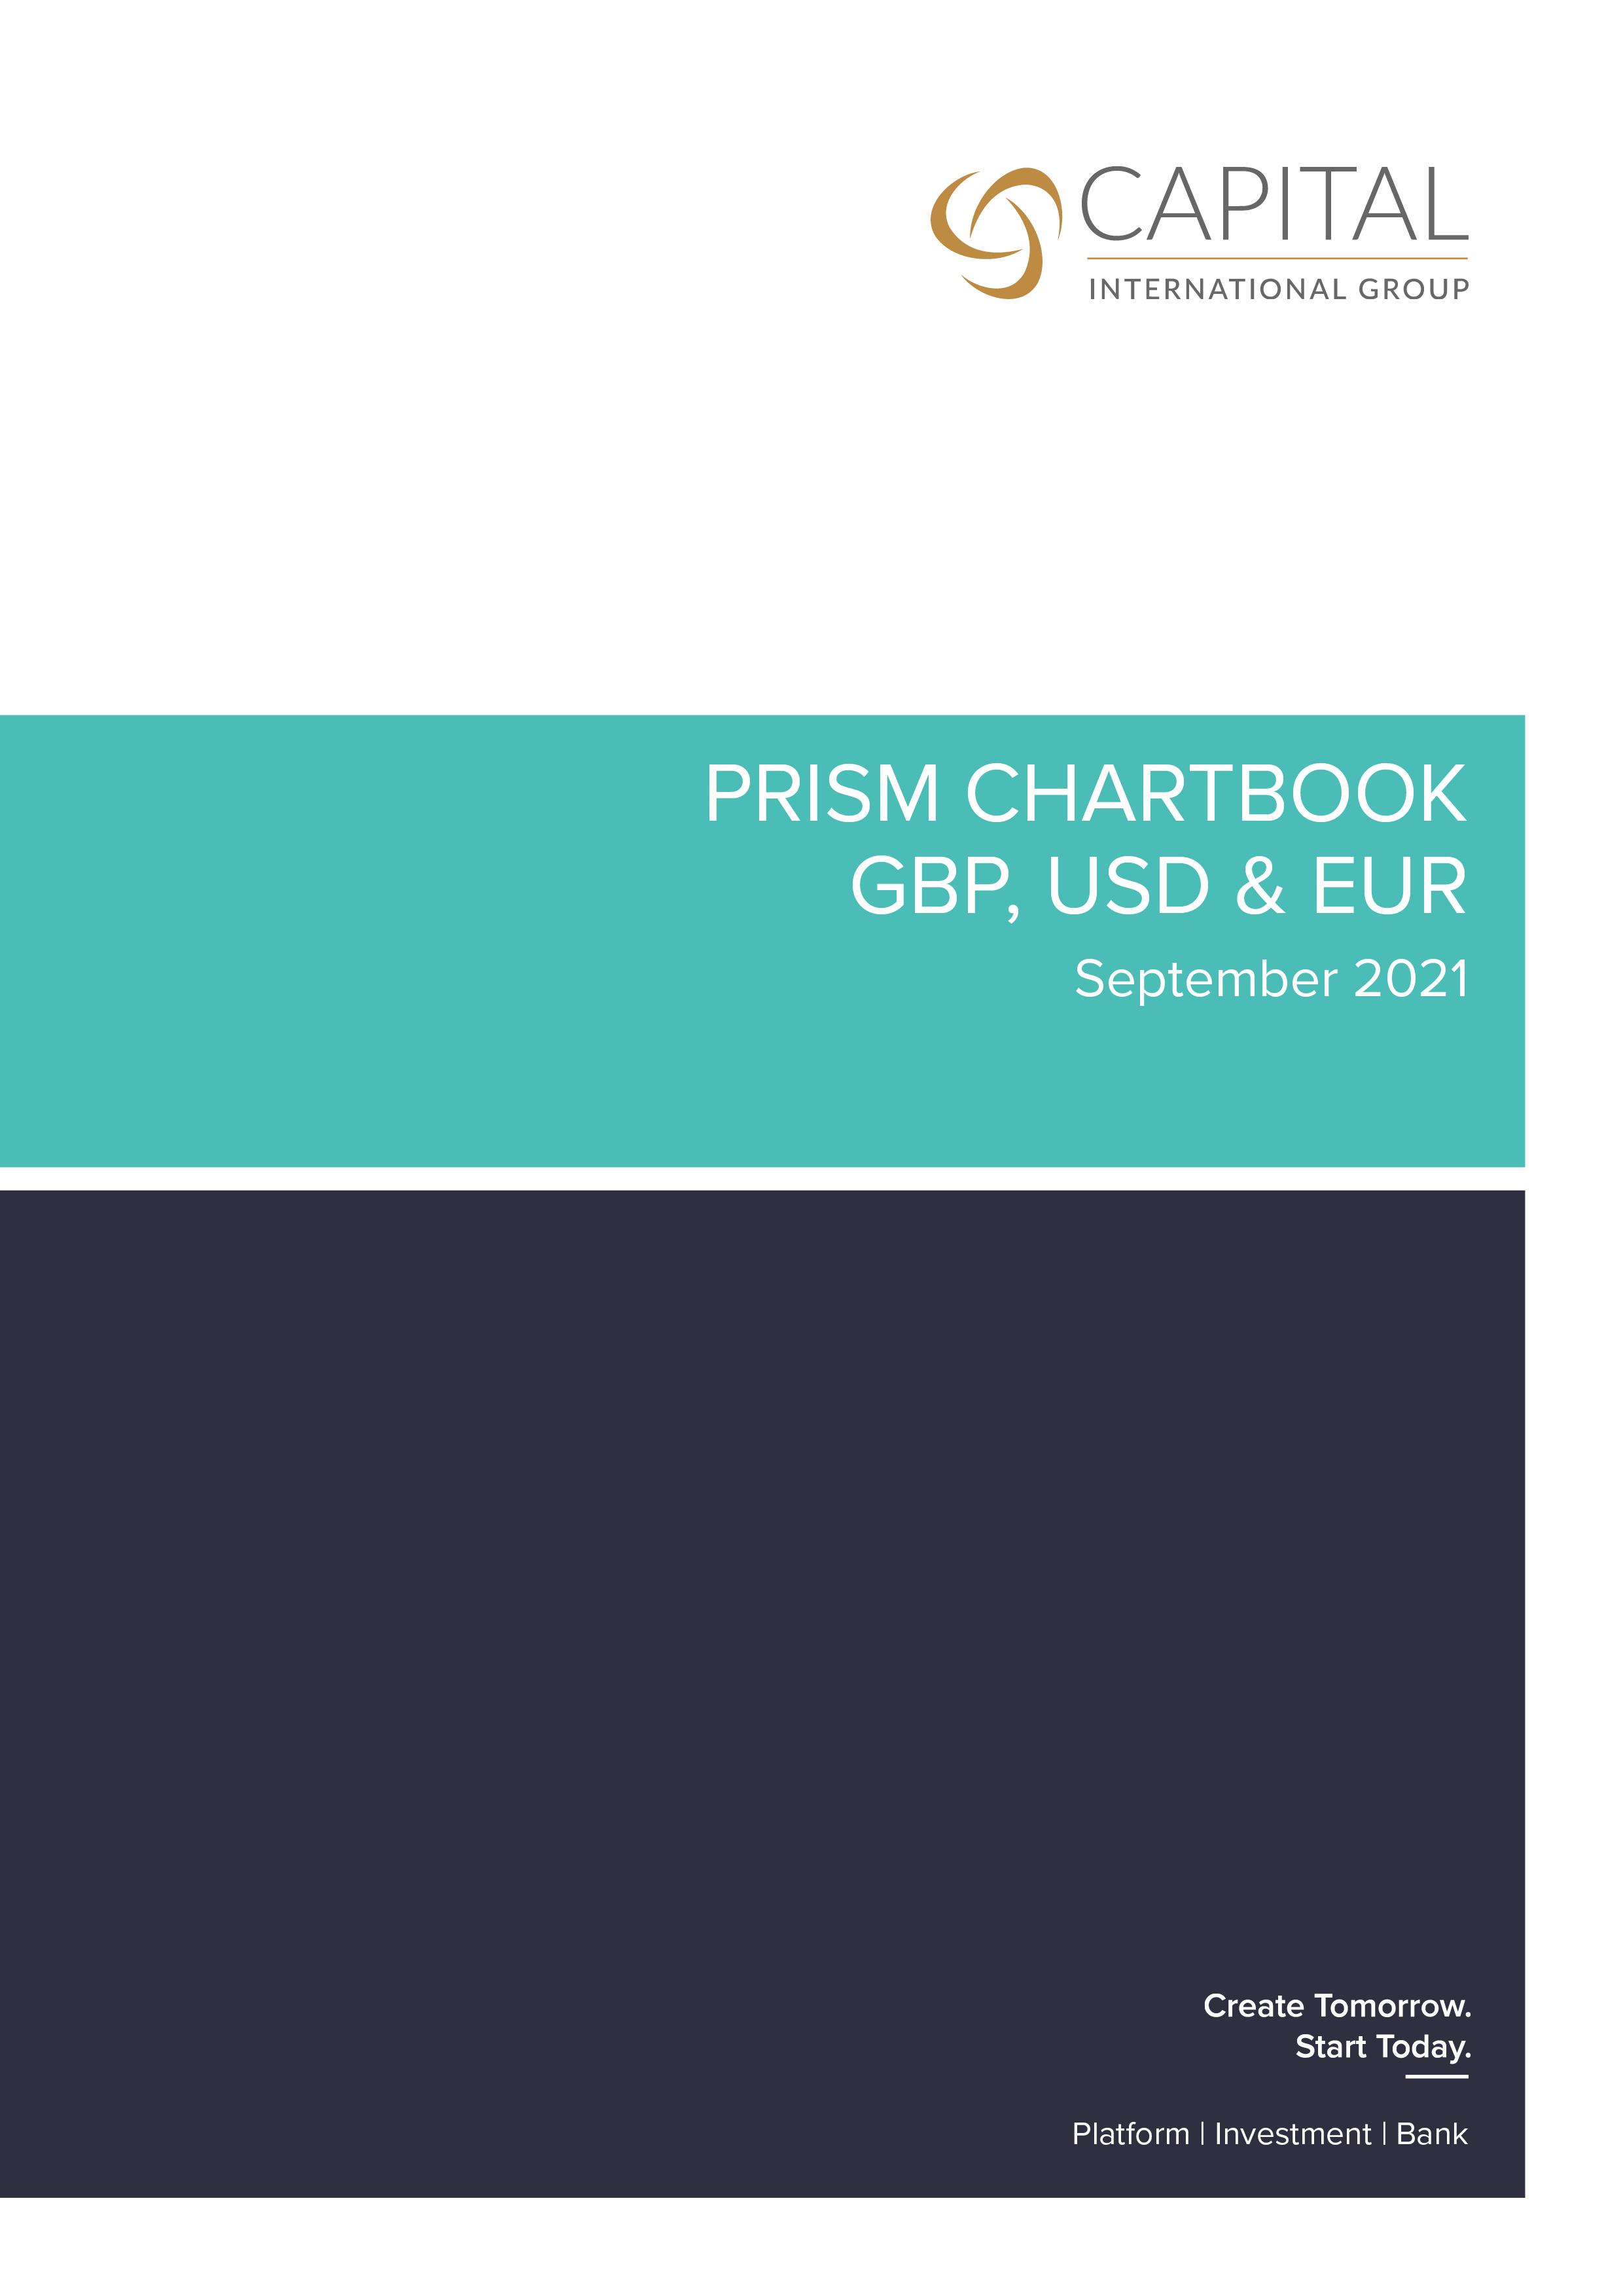 Prism Chartbook September 2021